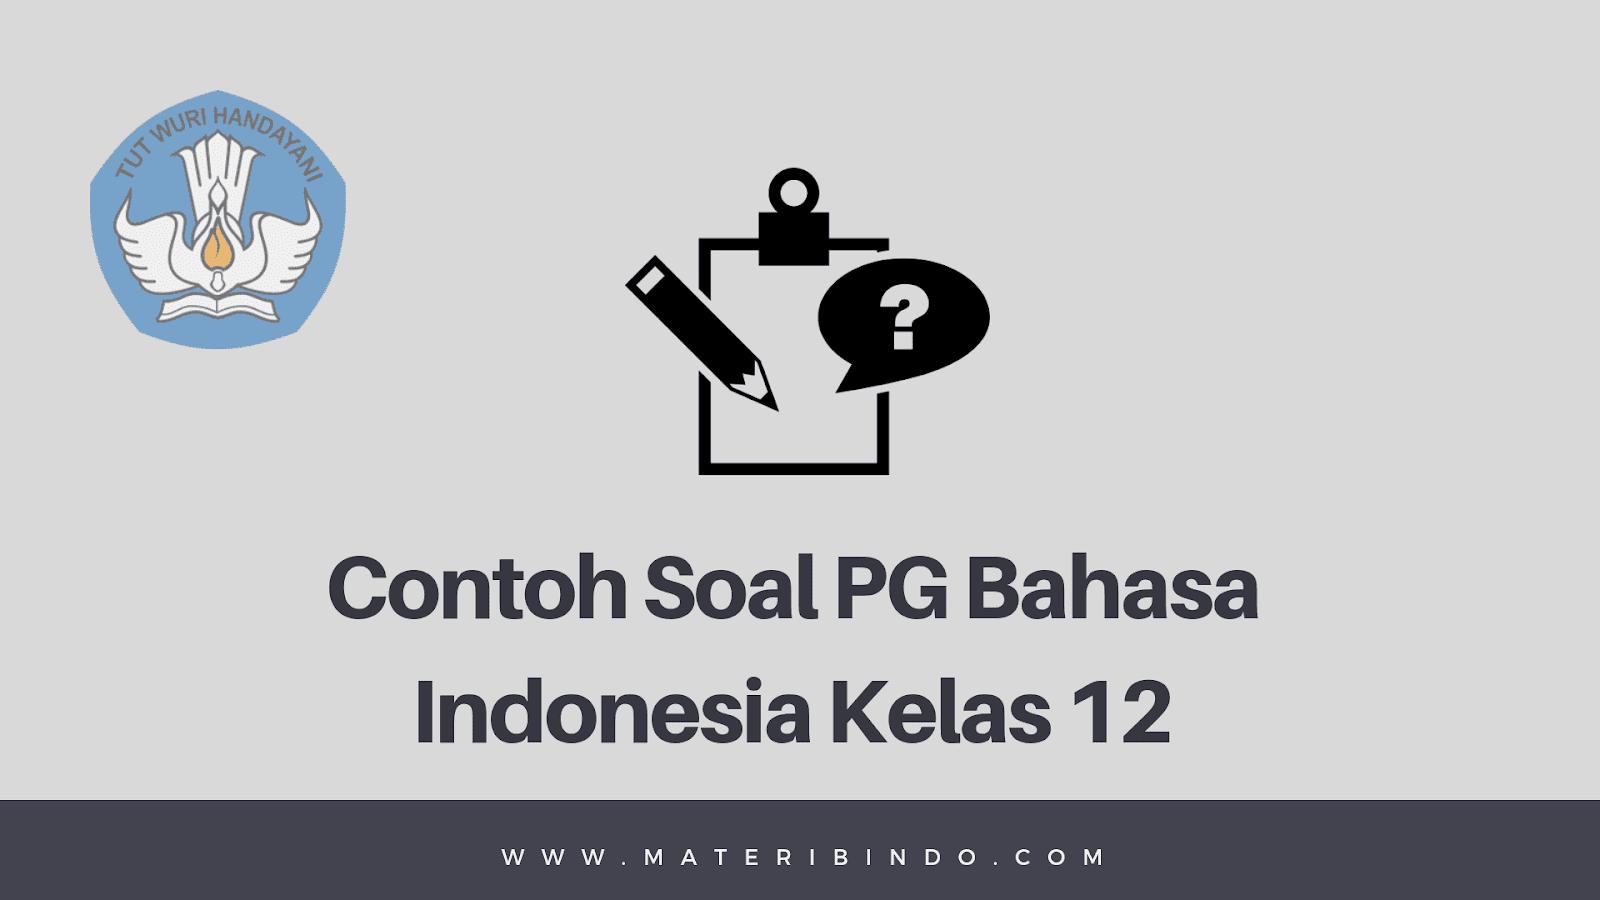 100 Contoh Soal Pg Bahasa Indonesia Kelas 12 Sma Smk Dan Kunci Jawabannya Lengkap